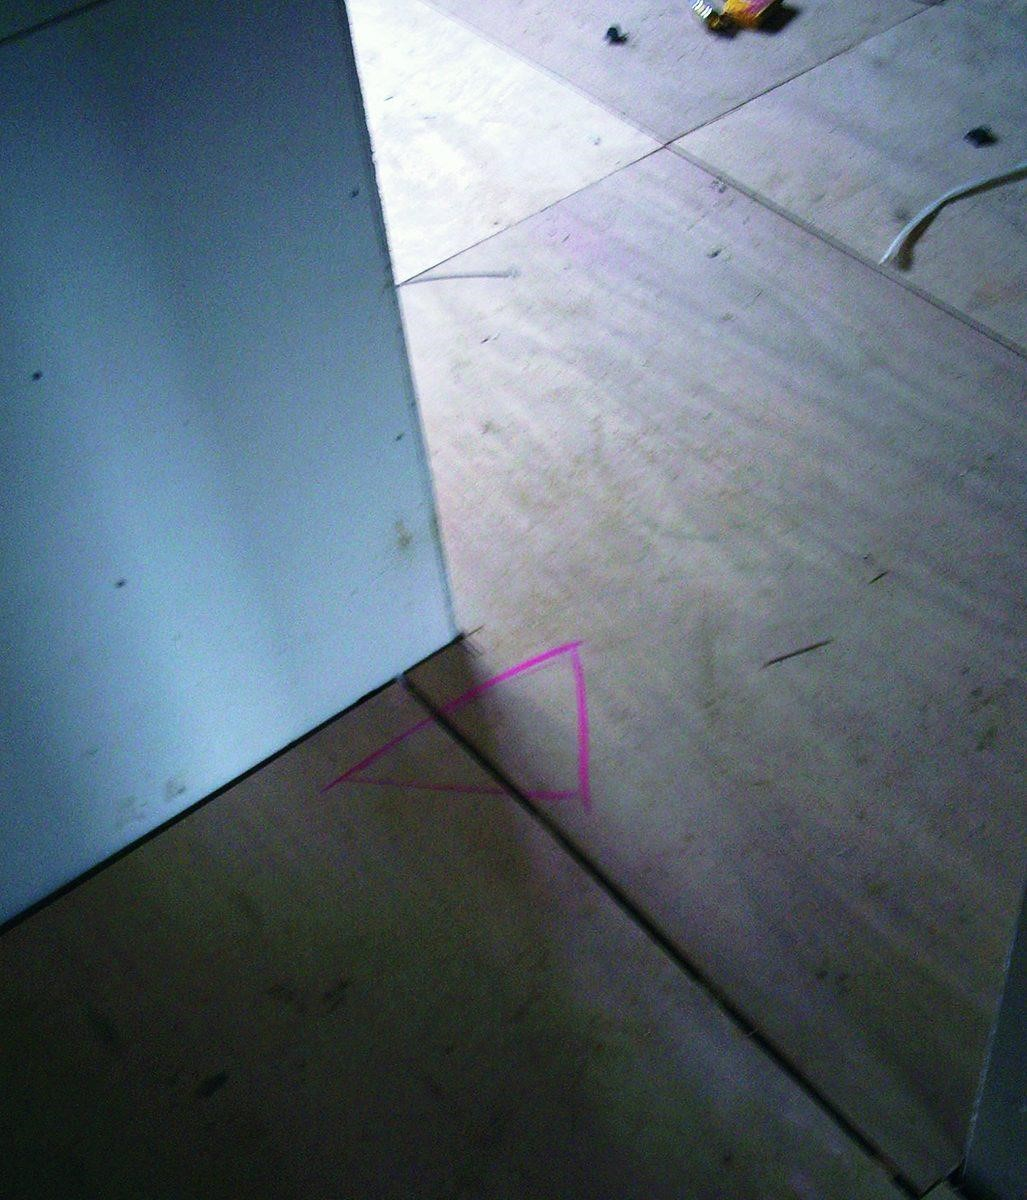 木地板施作完,先試著走走看,如果會有出現聲音則需重新校正。 圖片提供_漂亮家居麥浩斯